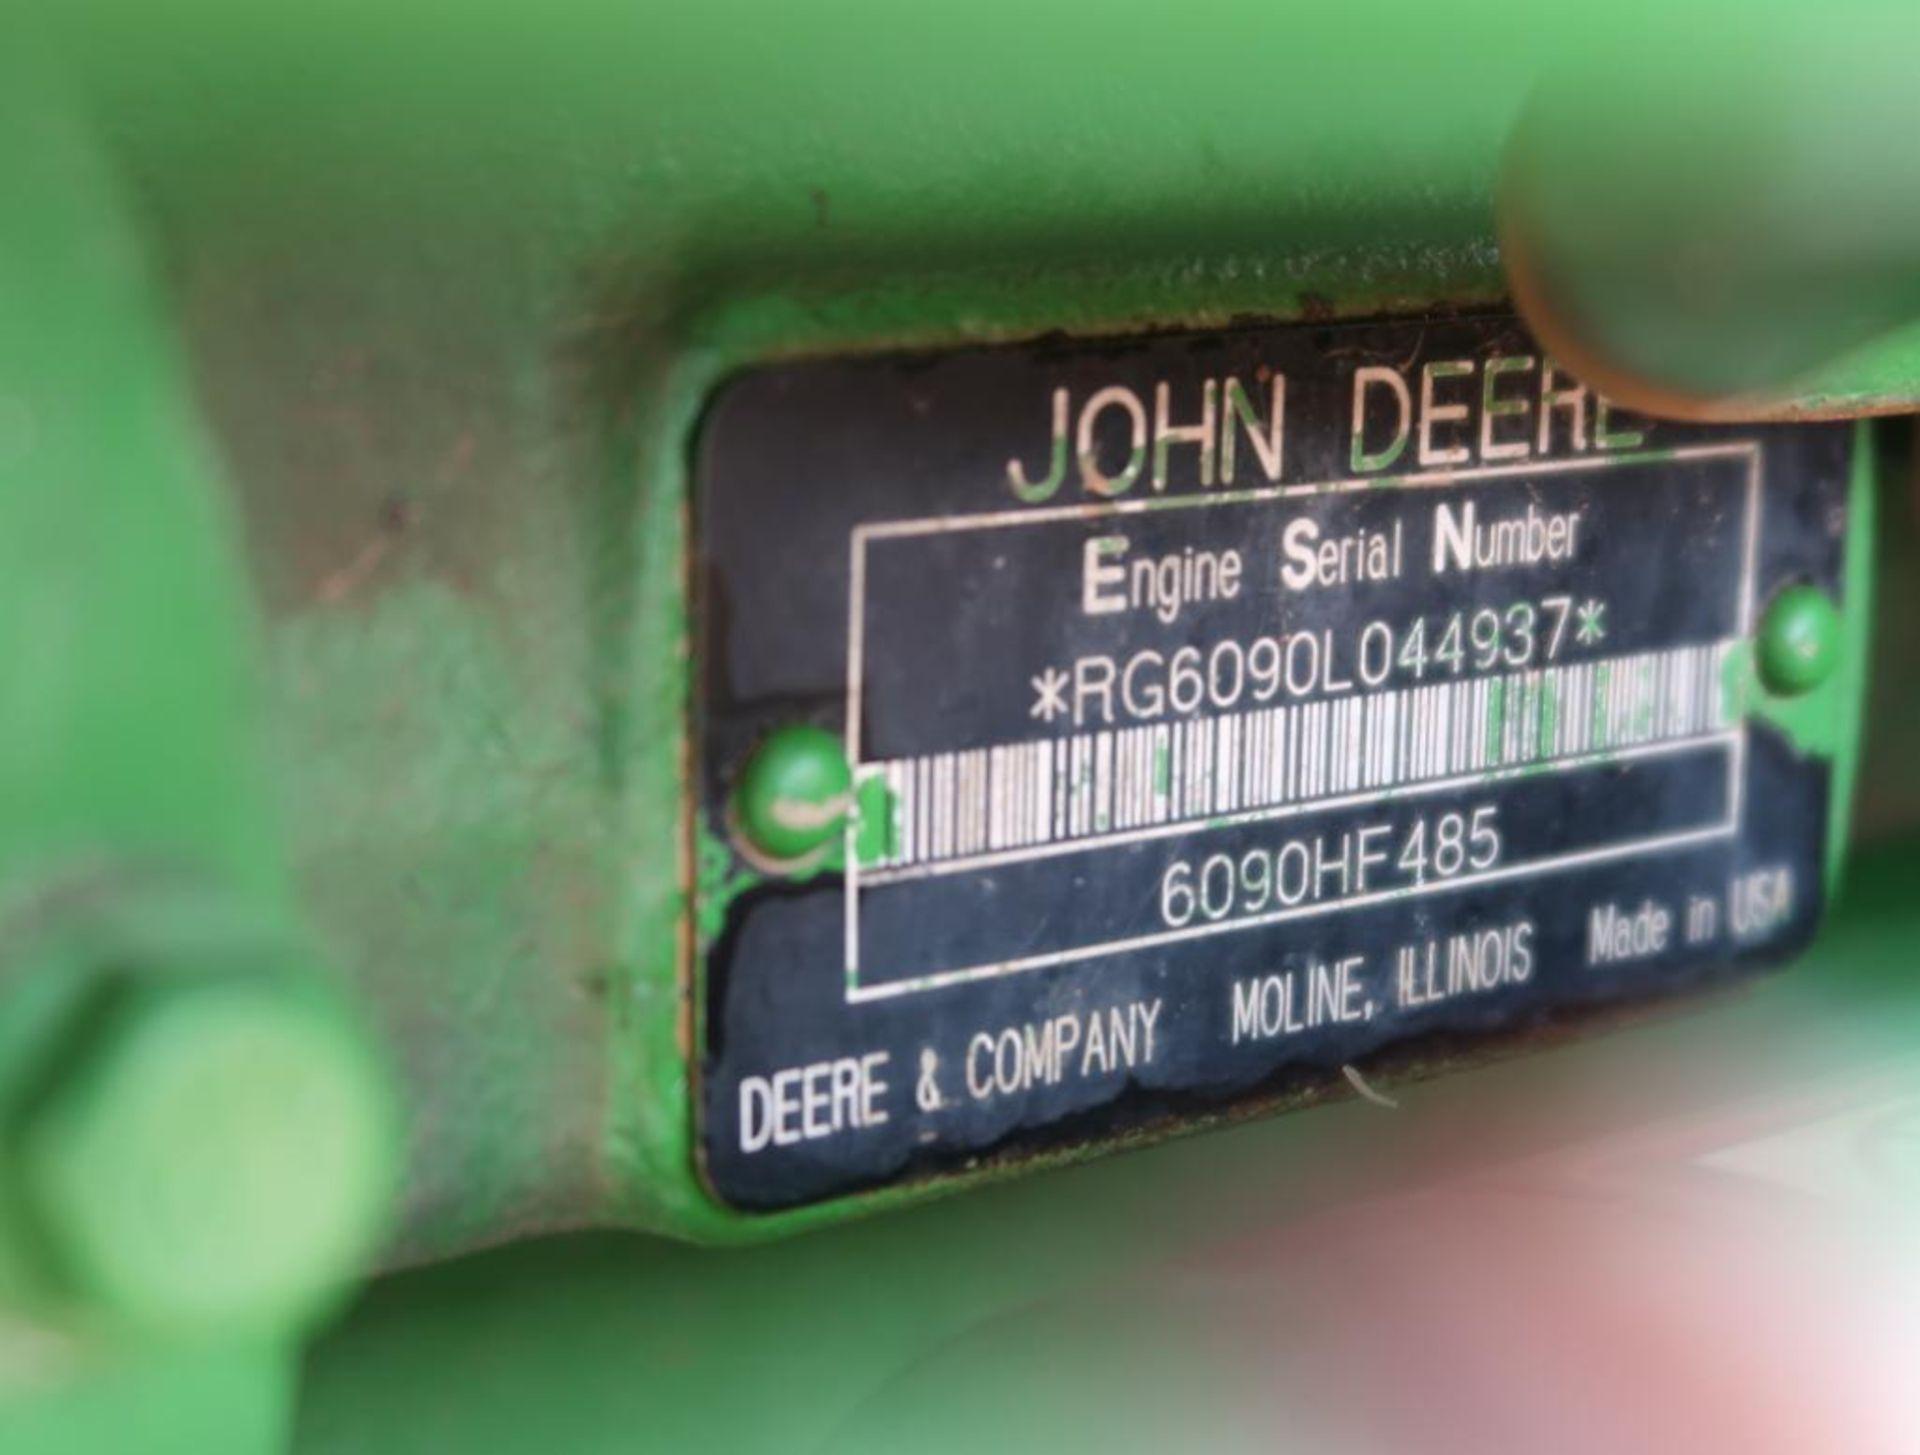 Lot 385 - LOT: 2007 Amer 15 ft. Tandem-Axle Gooseneck Trailer Model Power Swivel, VIN 17YGN14227B036573, John